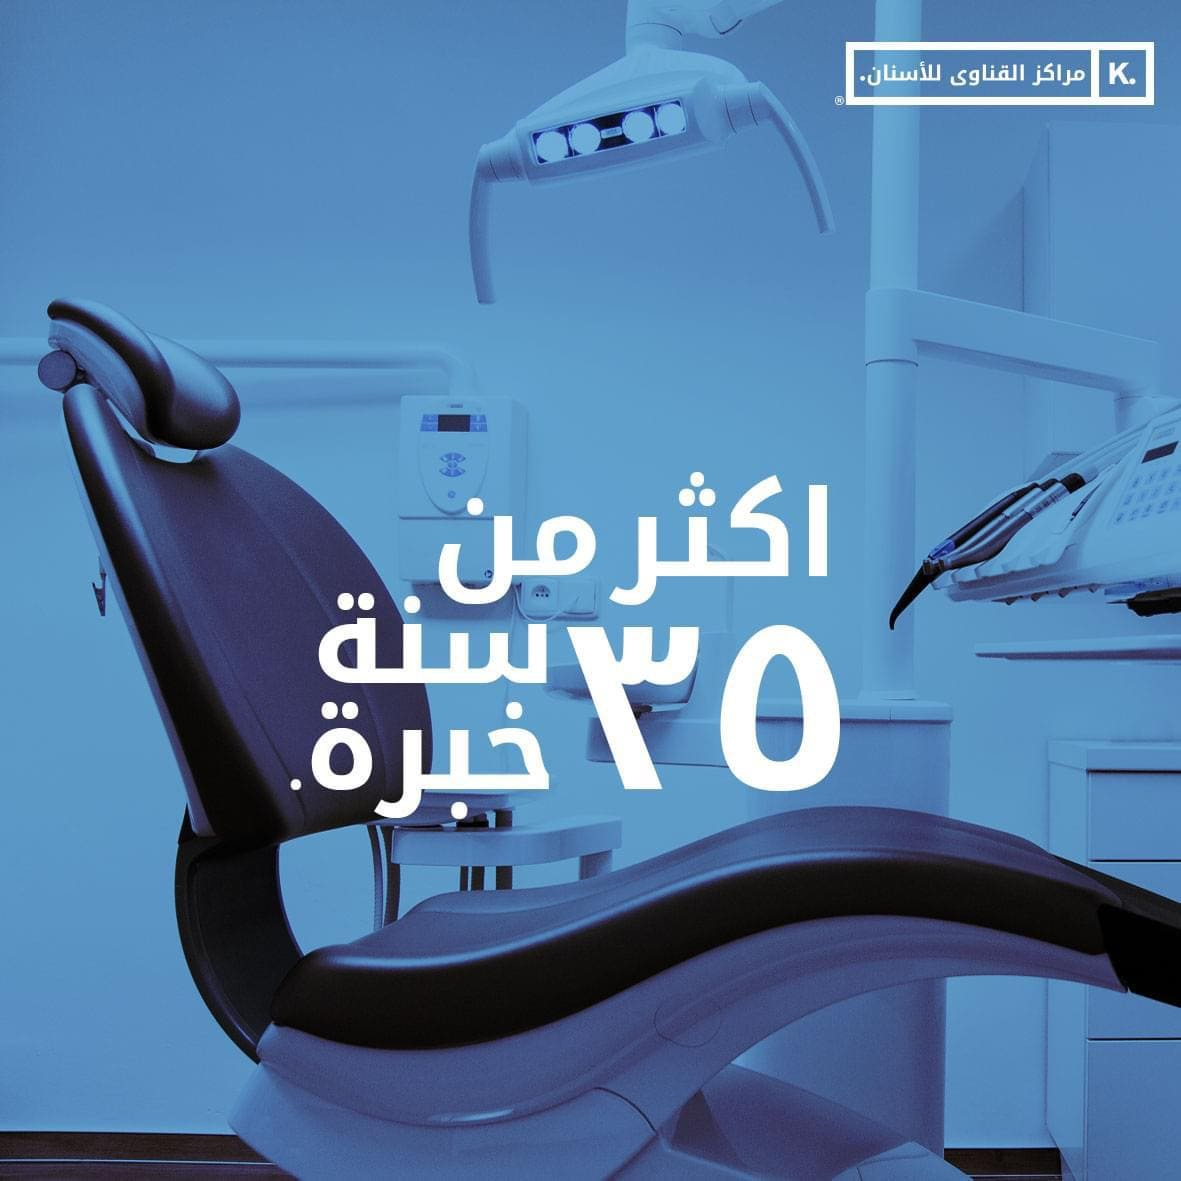 لماذا مركز القناوي لطب الأسنان ؟